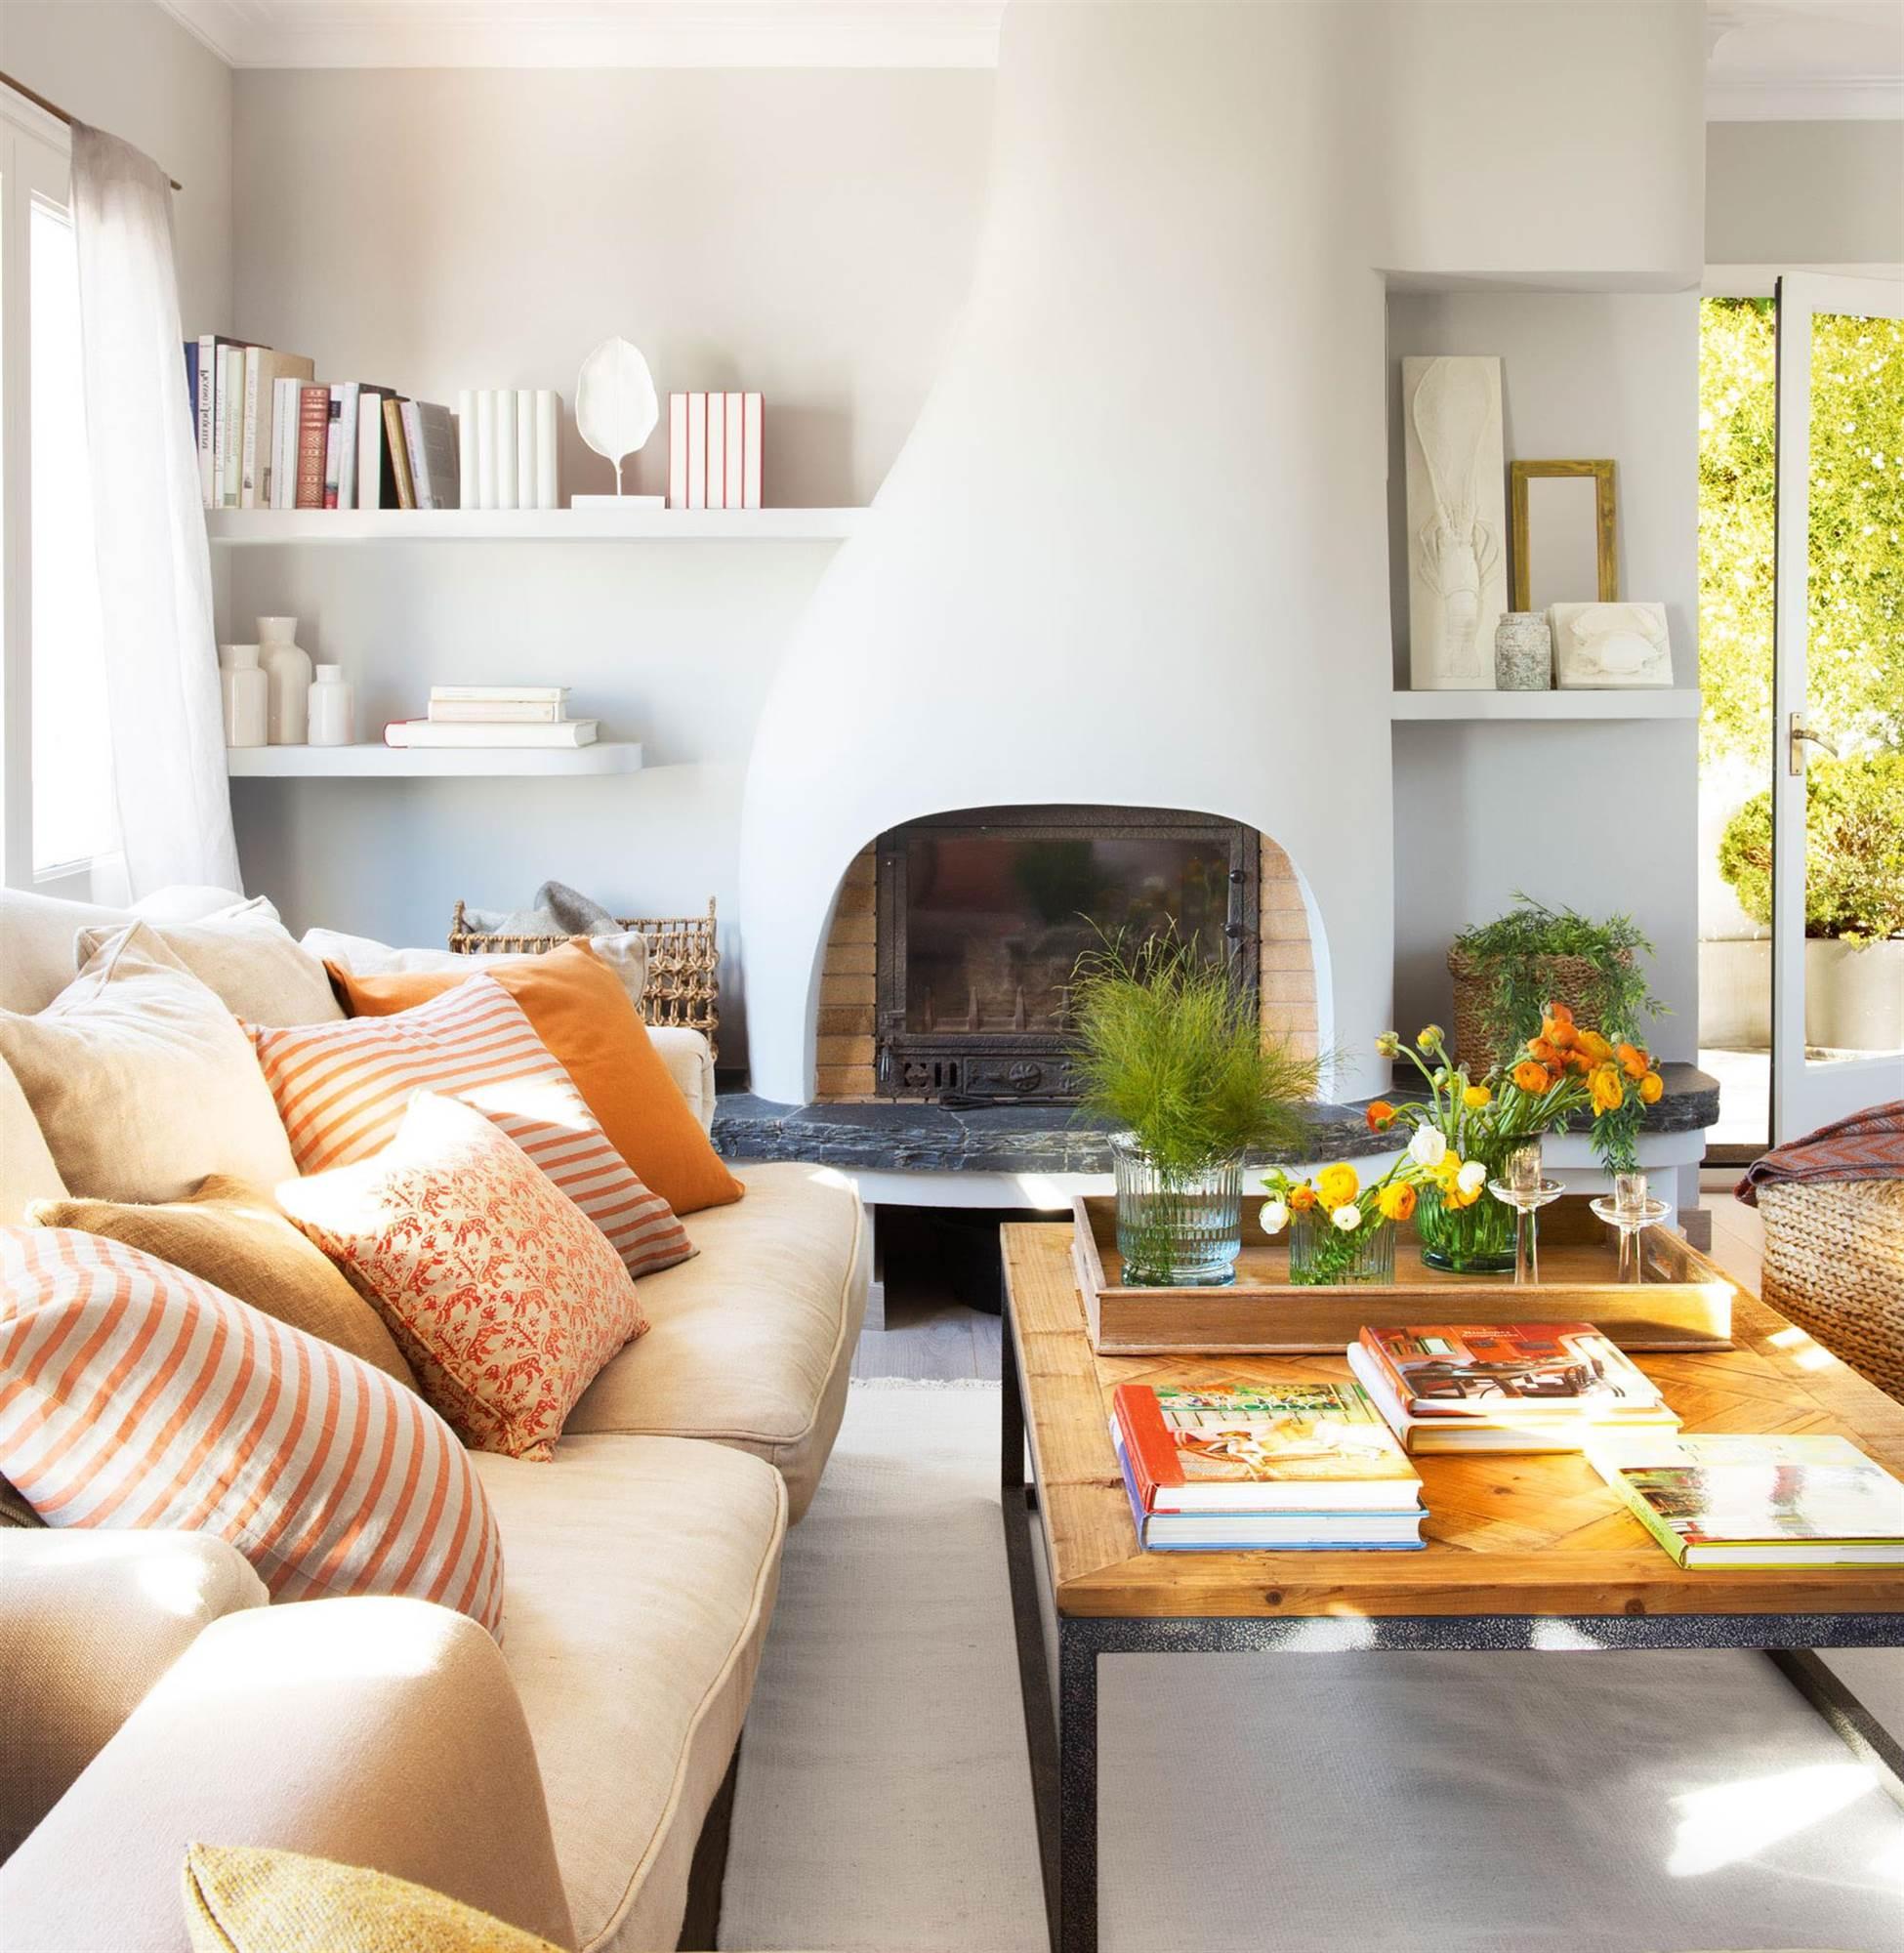 Calentar casa con chimenea fabulous el arco iris y una chimenea y chimeneas en la casa para - Como calentar la casa ...